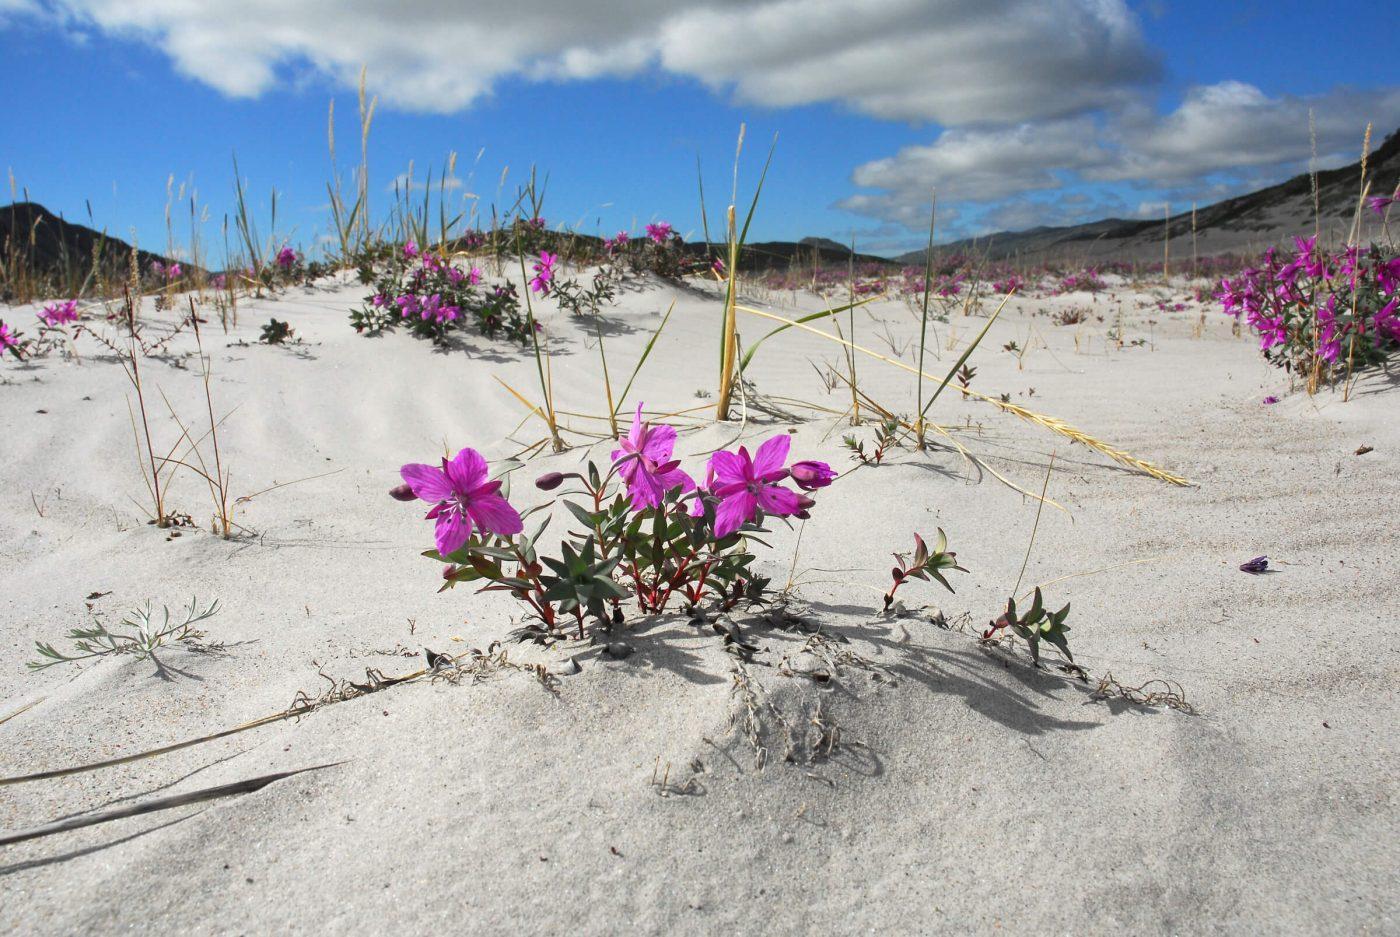 Kangerlussuaq. Photo by Signe Vest